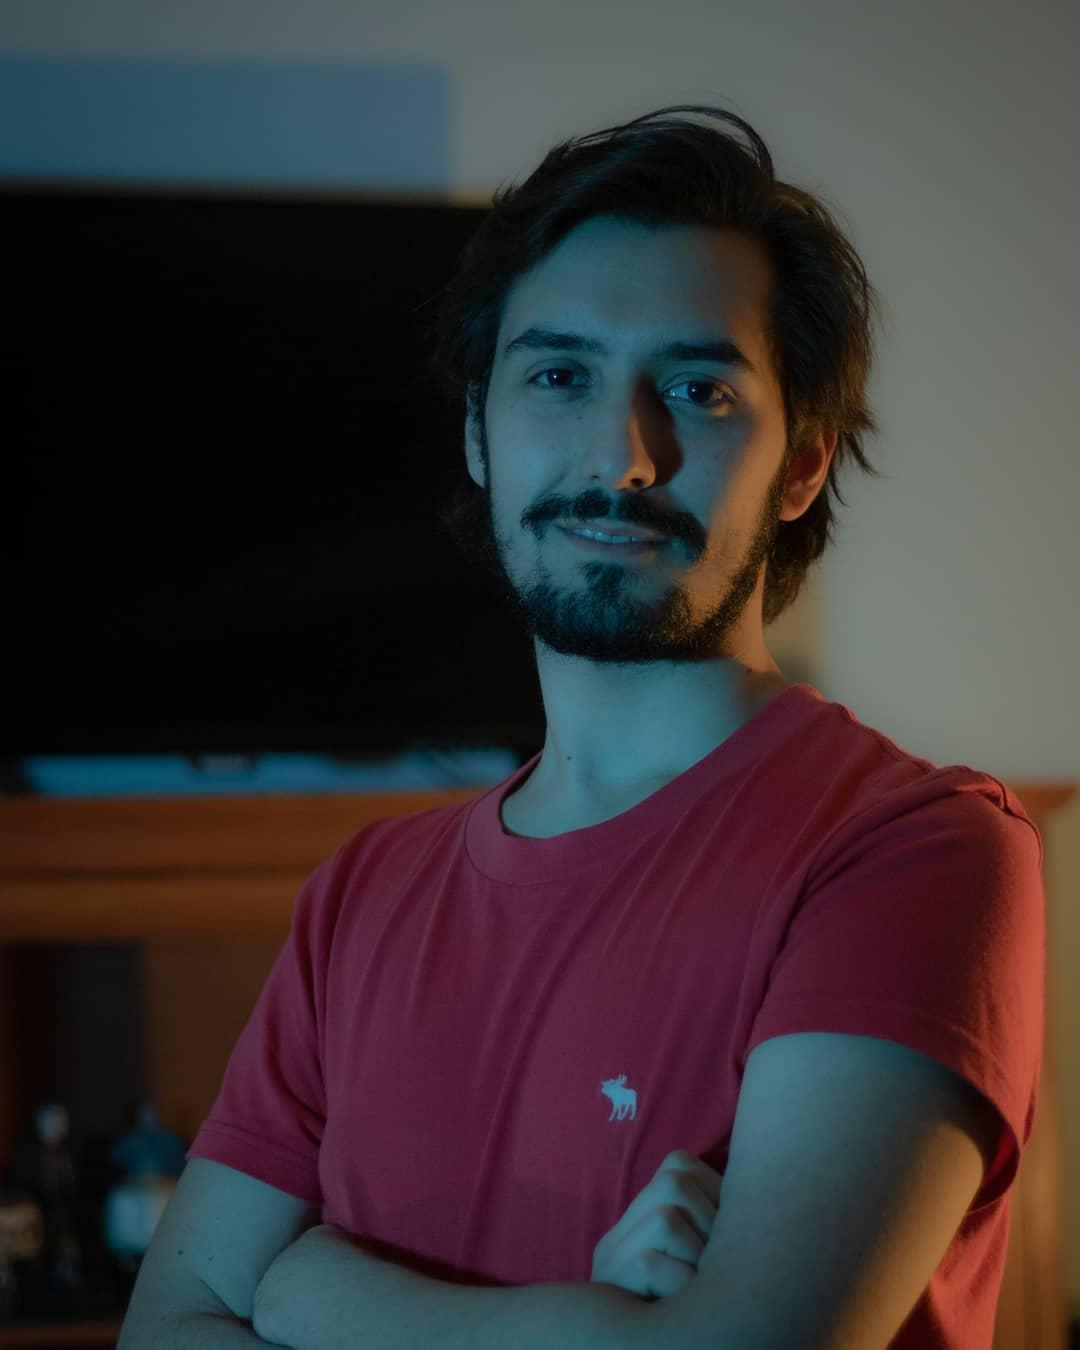 Emi Guazzaroni